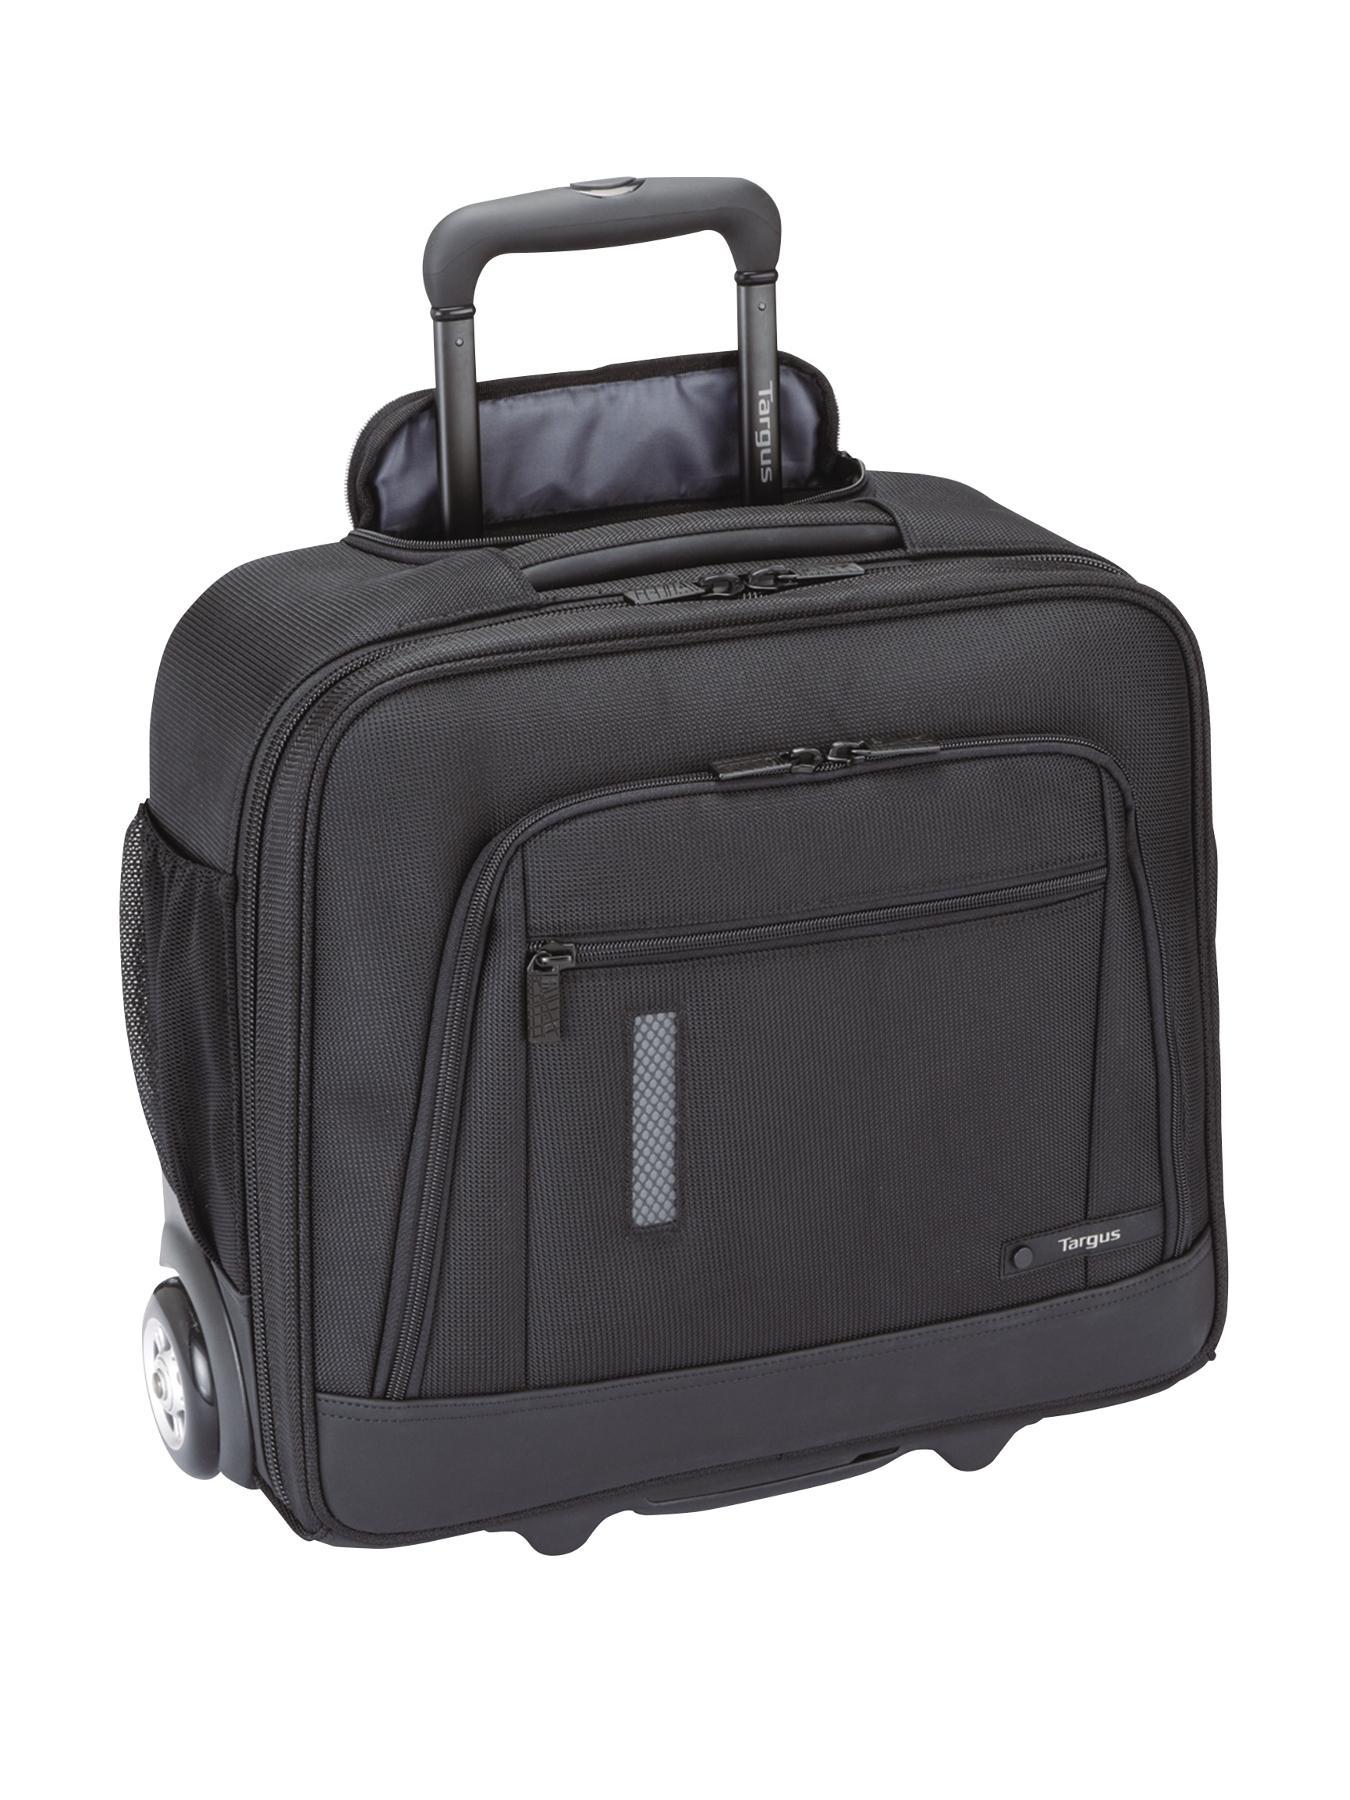 Revolution 15.6 inch Laptop Roller Bag